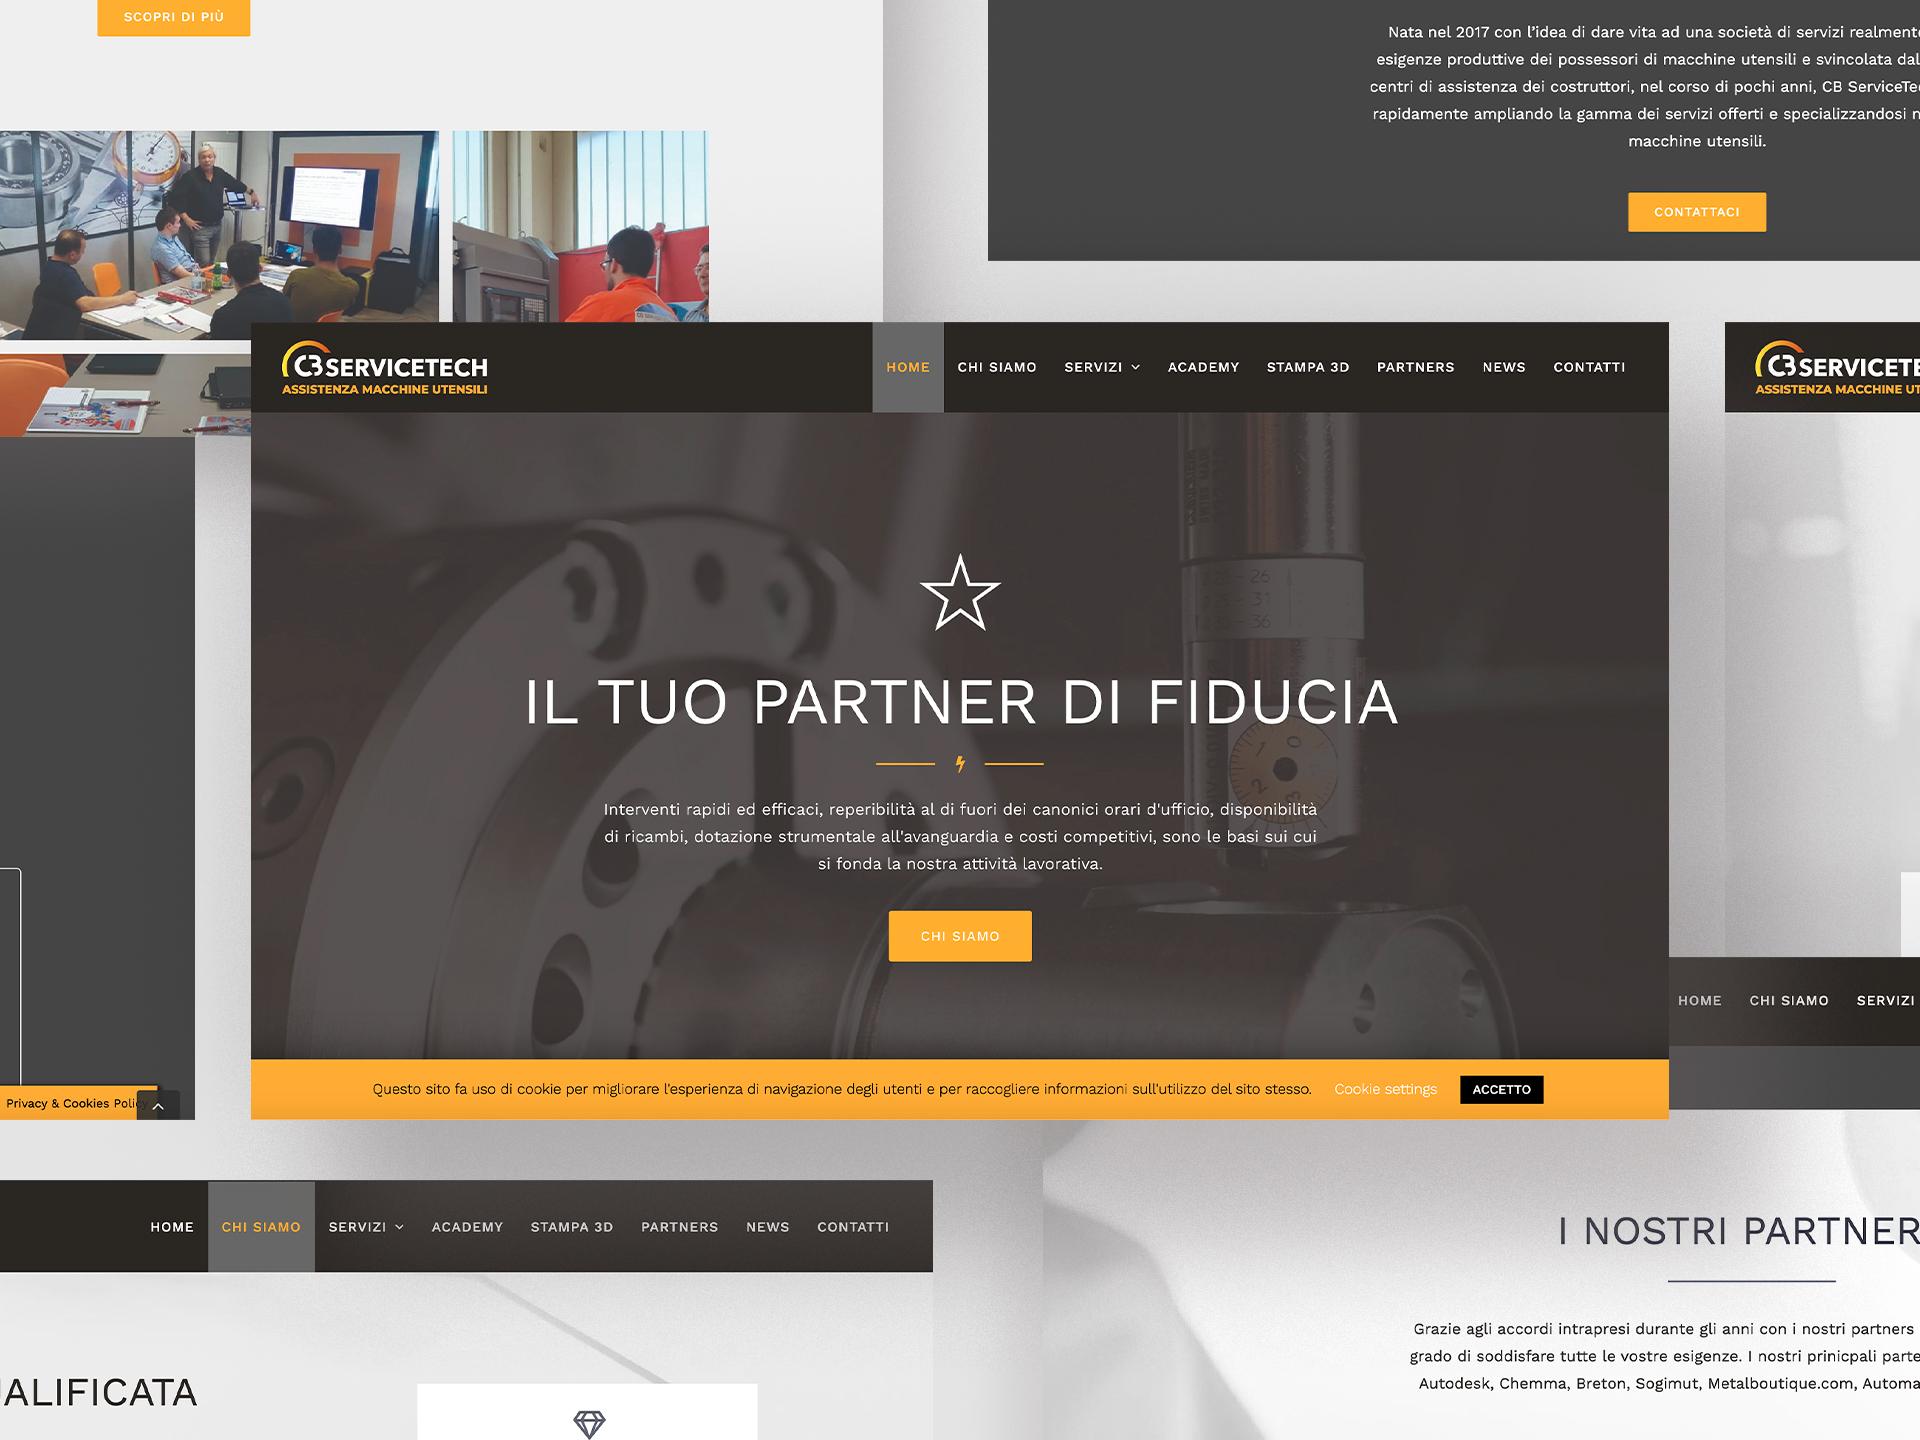 Luca Forlani Graphic Design CB ServiceTech web3